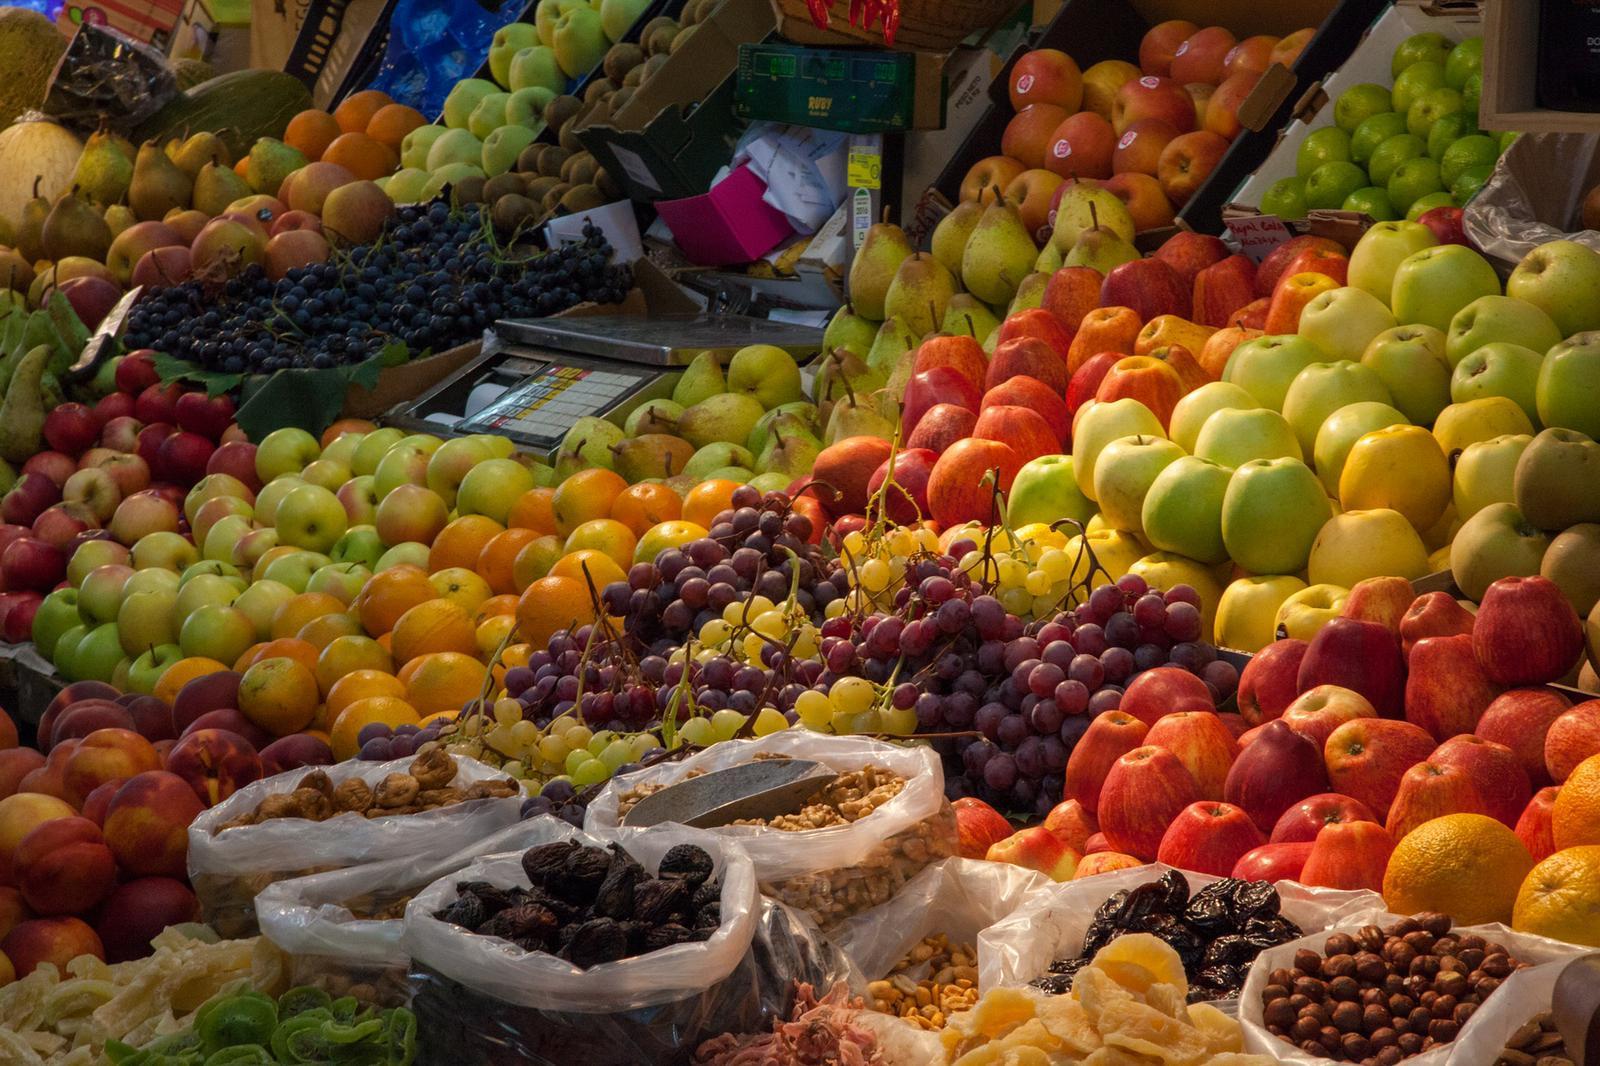 Torna il mercato a Tagliacozzo, si inizia dai banchi alimentari